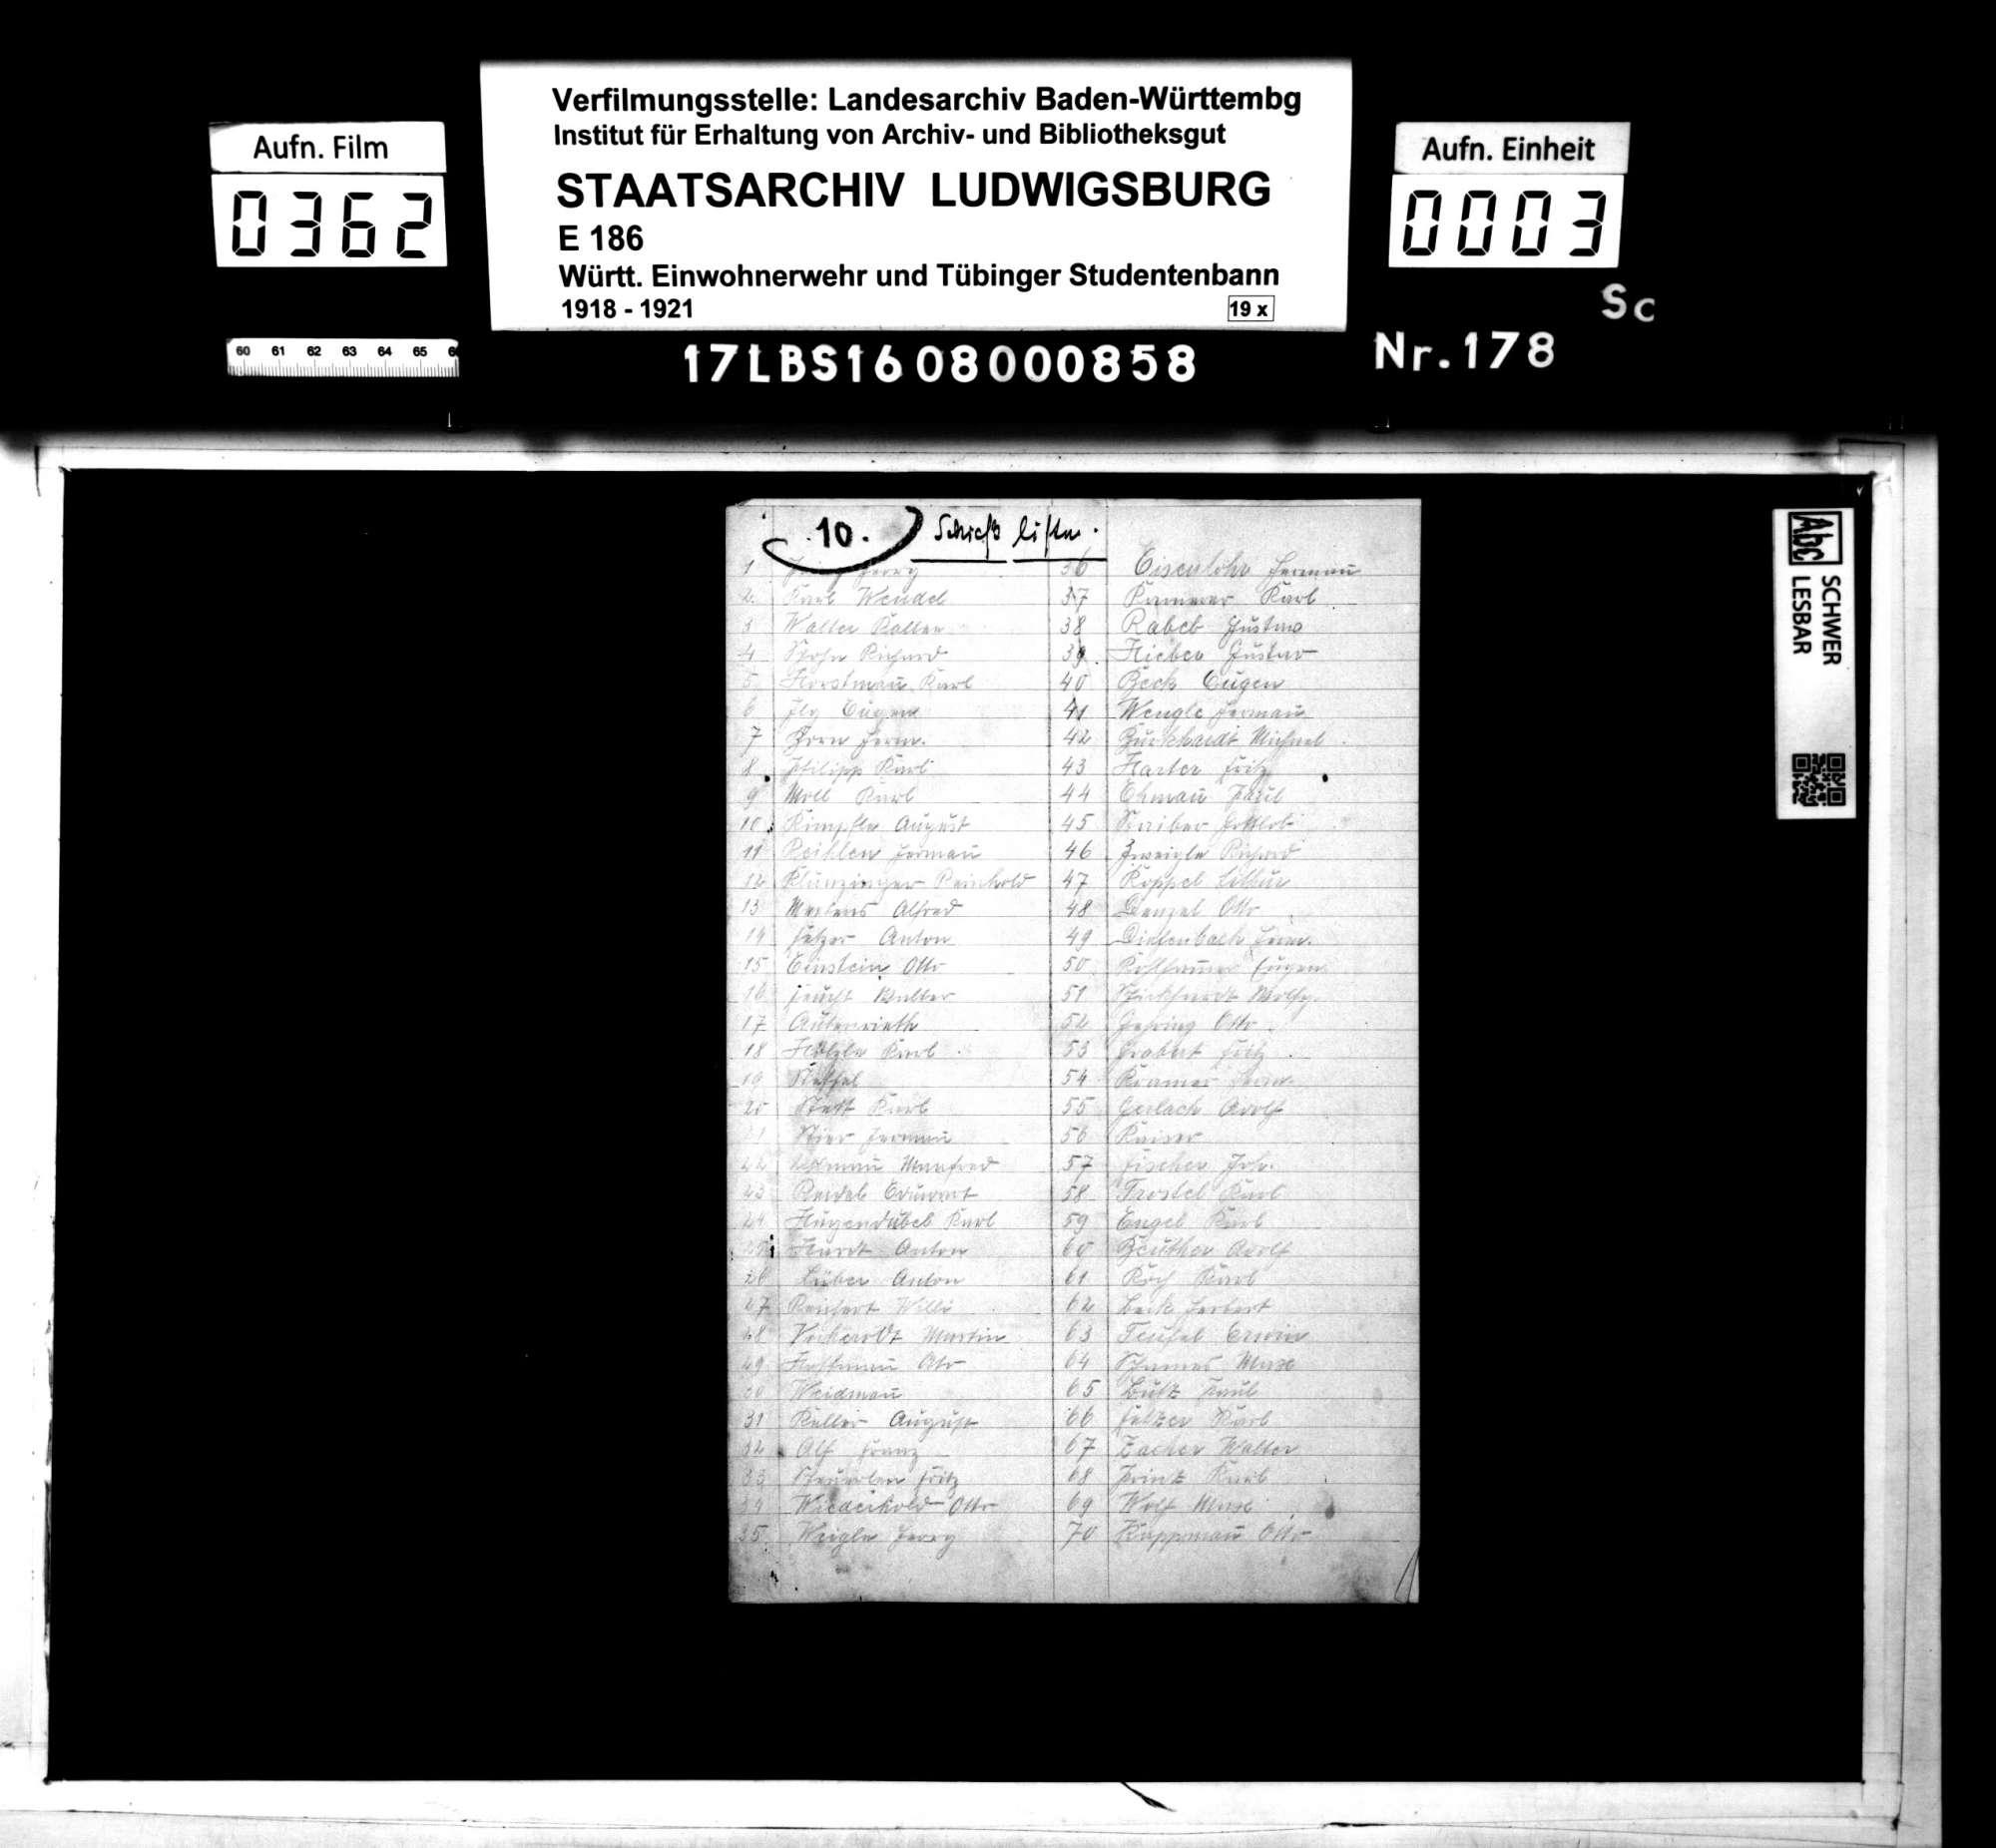 Schießliste, Bild 1